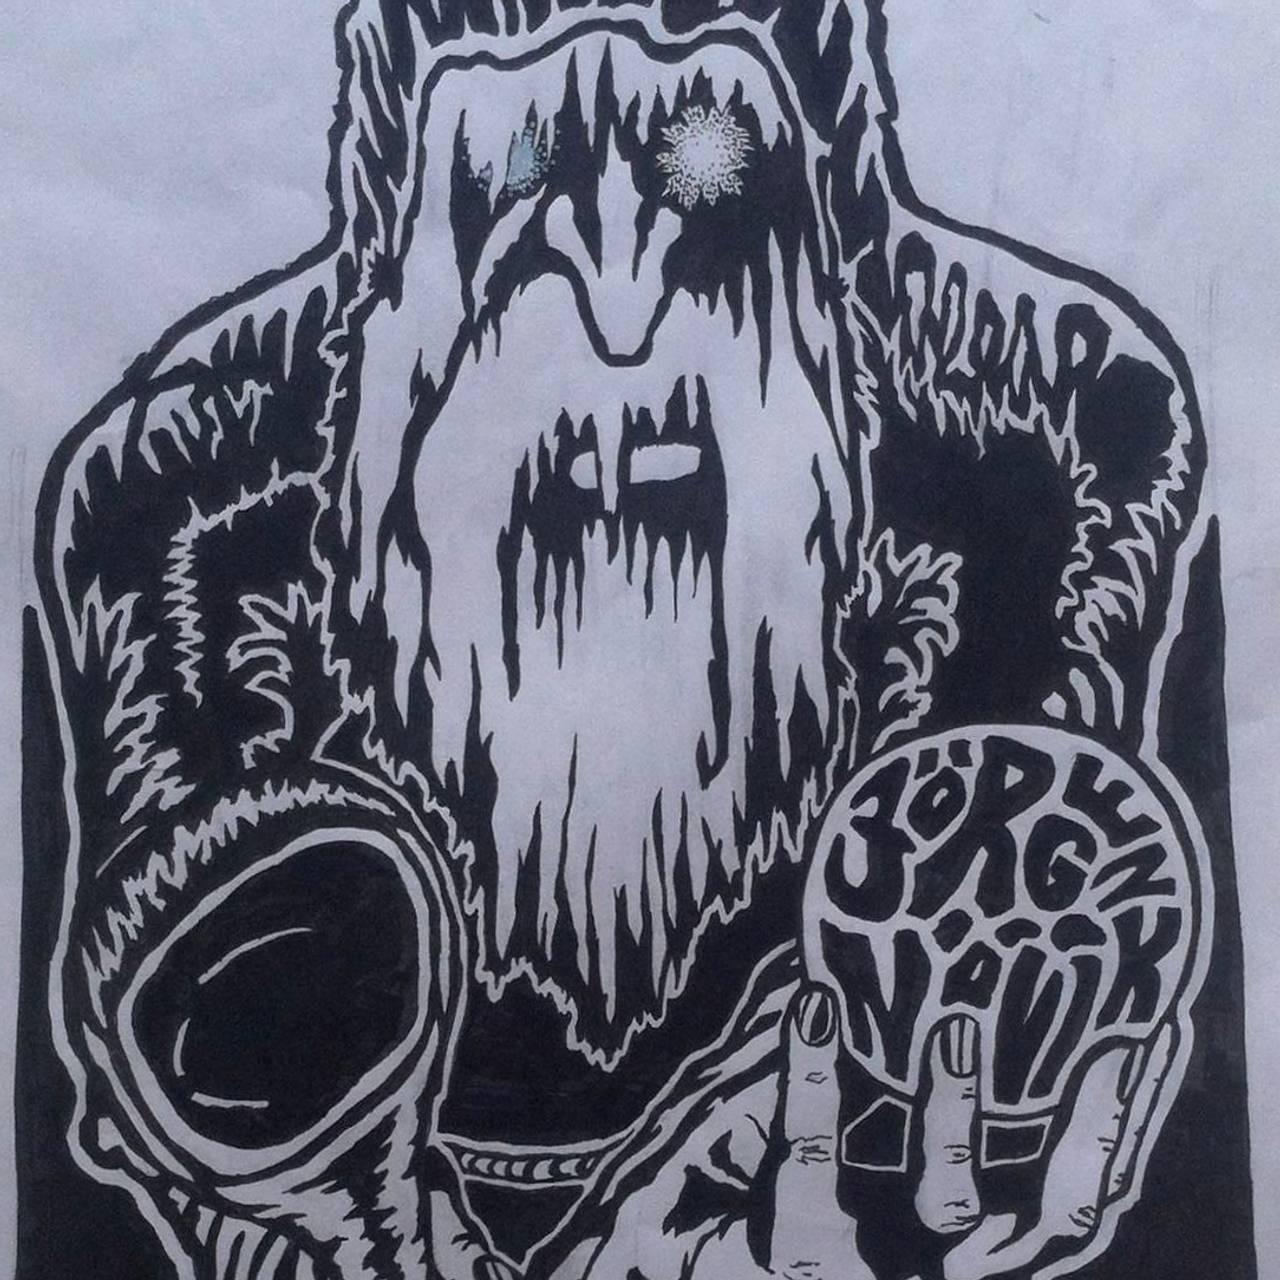 Maleri i svart-hvitt av en Odin-lignende isete skikkelse